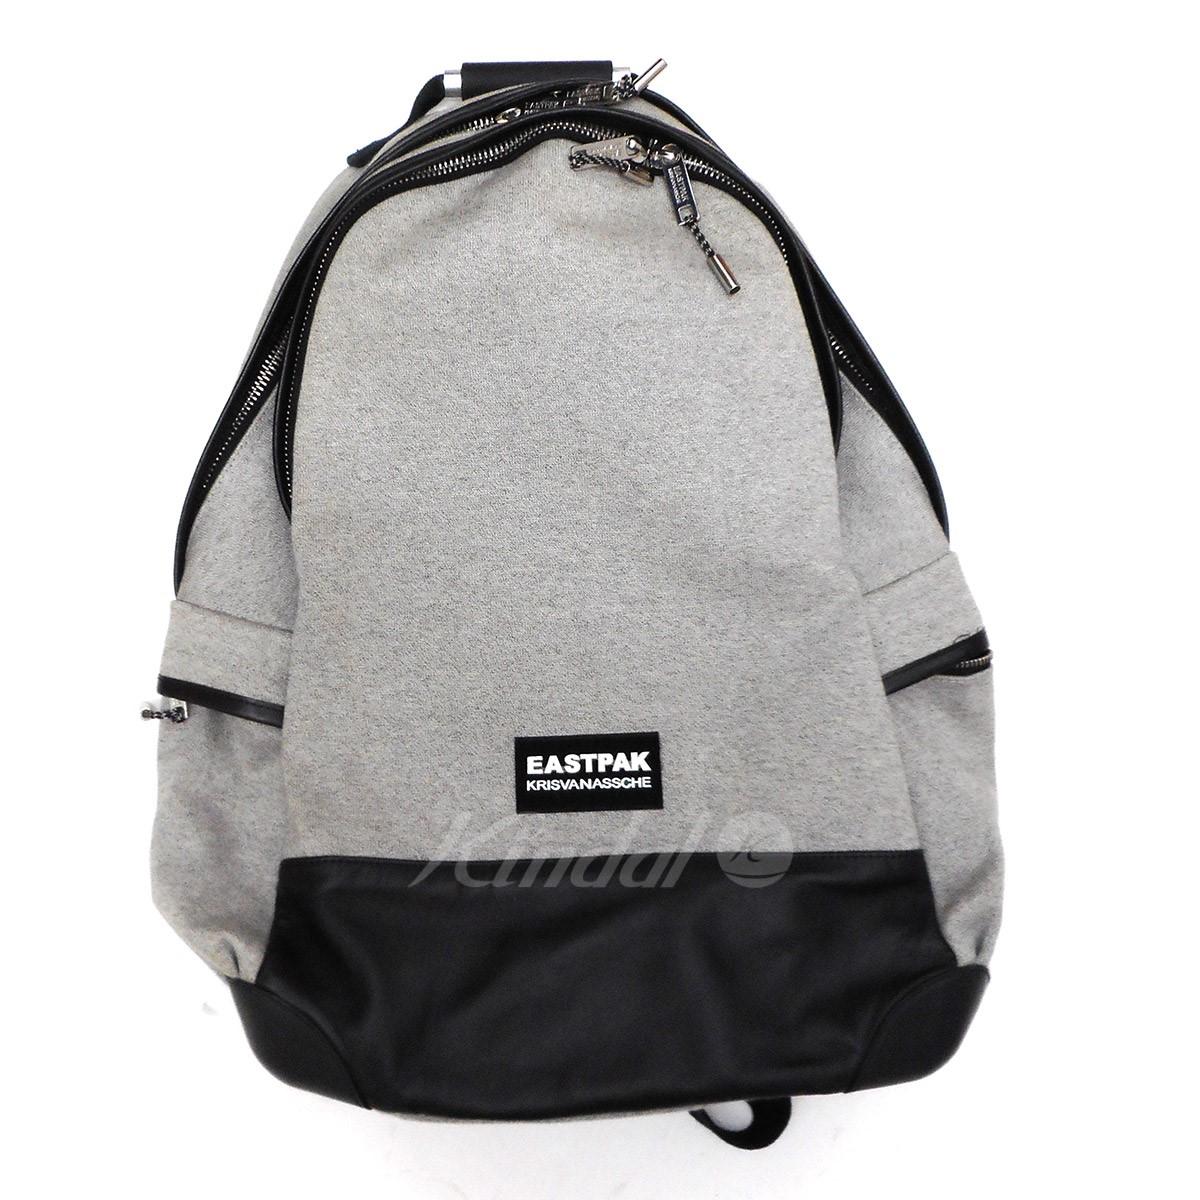 【中古】KRIS VAN ASSCHE×EASTPAK Backpack レザー切替バックパック 【送料無料】 【003737】 【KIND1550】